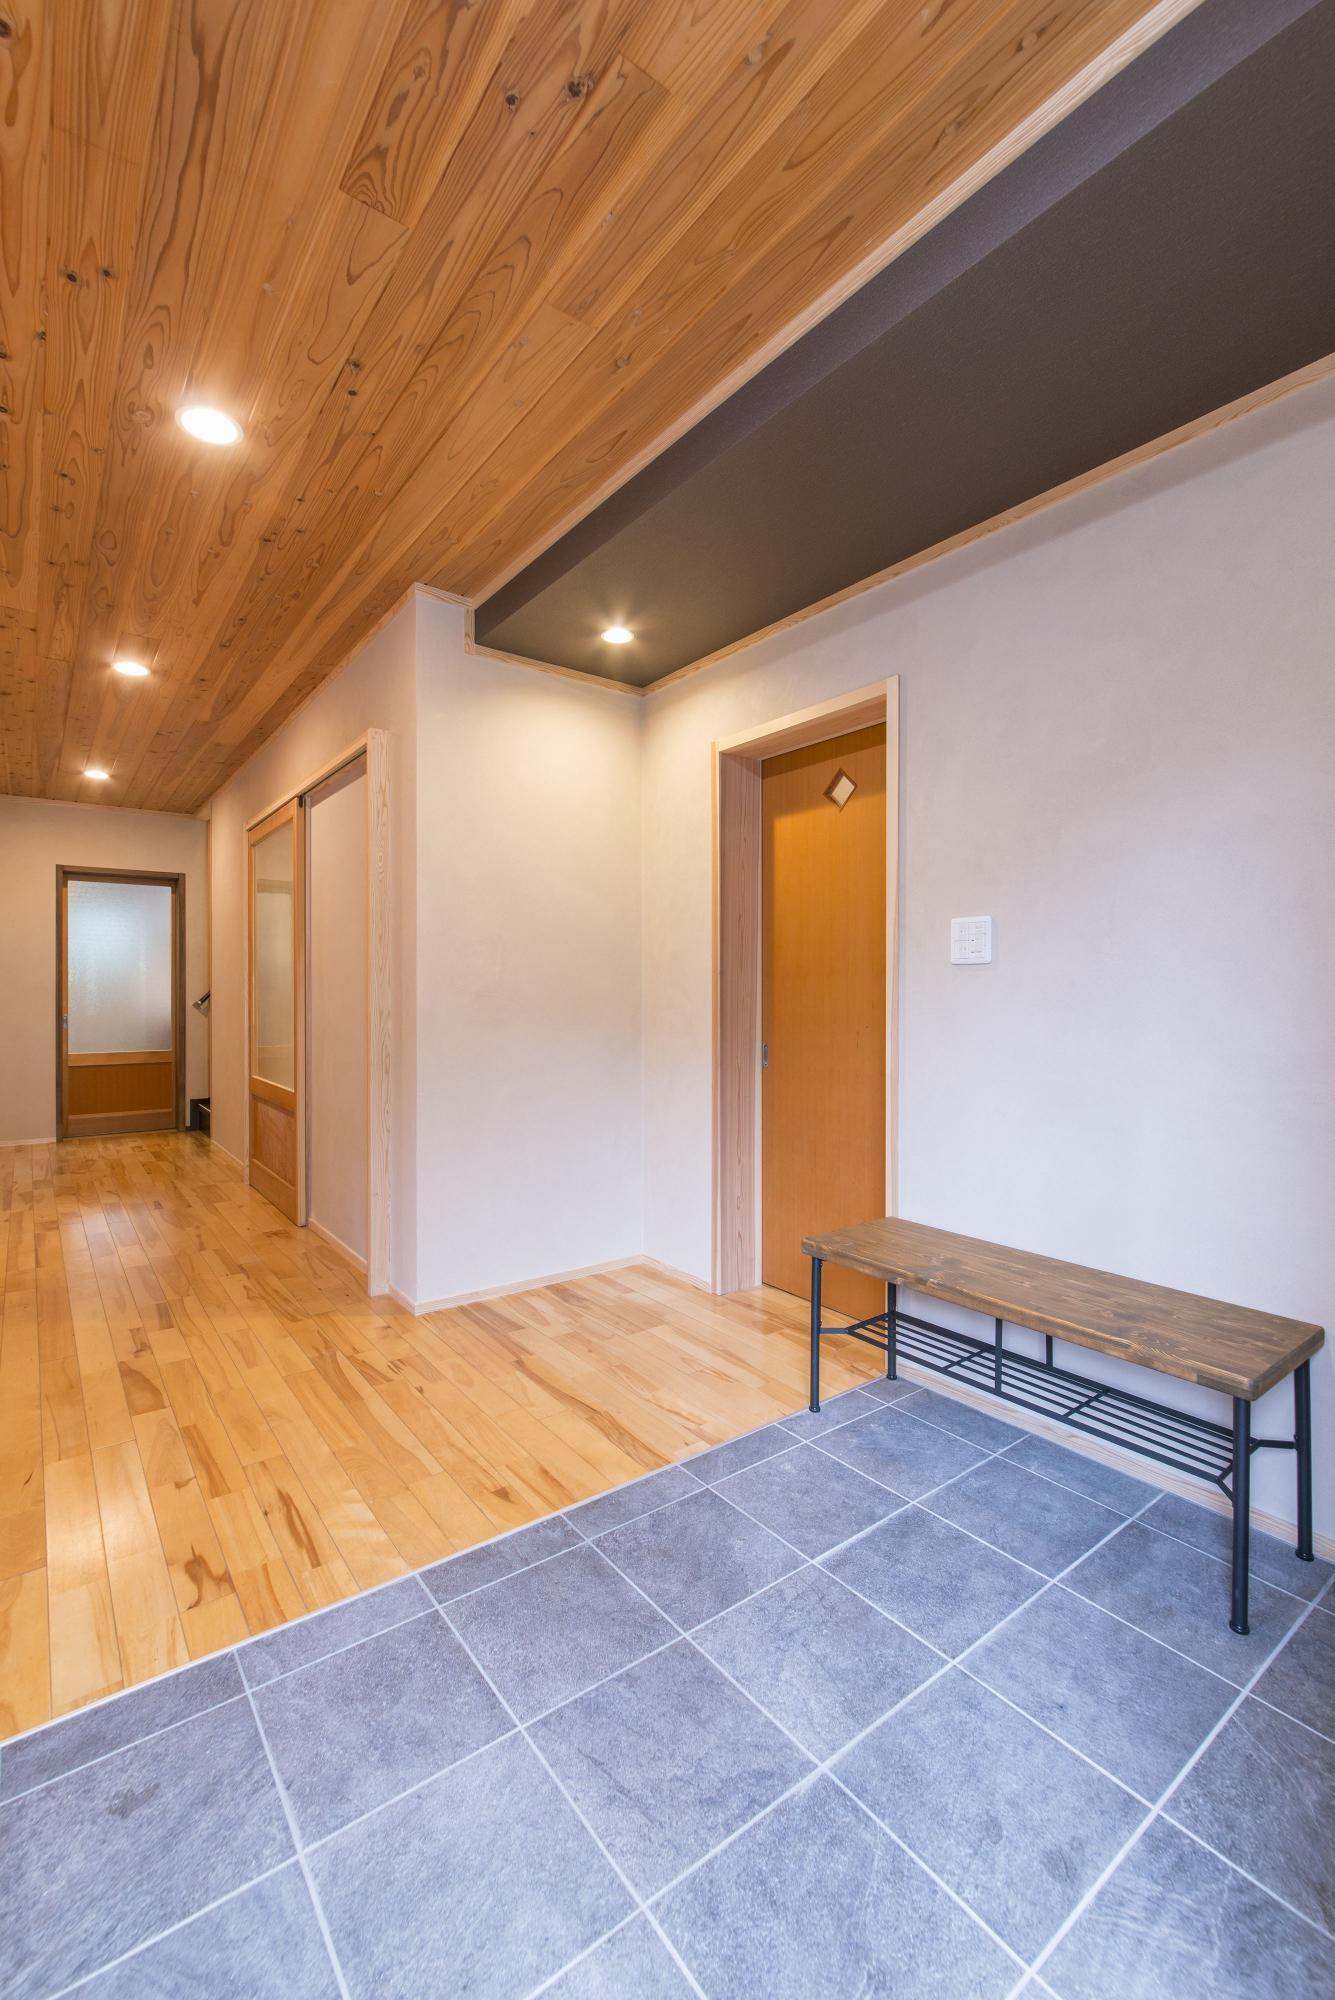 ホールの天井と床は既存のままに。玄関は30cmほど幅を広げ、右天井部分を下がり天井とした。玄関床は新しいタイルに張り替えた。